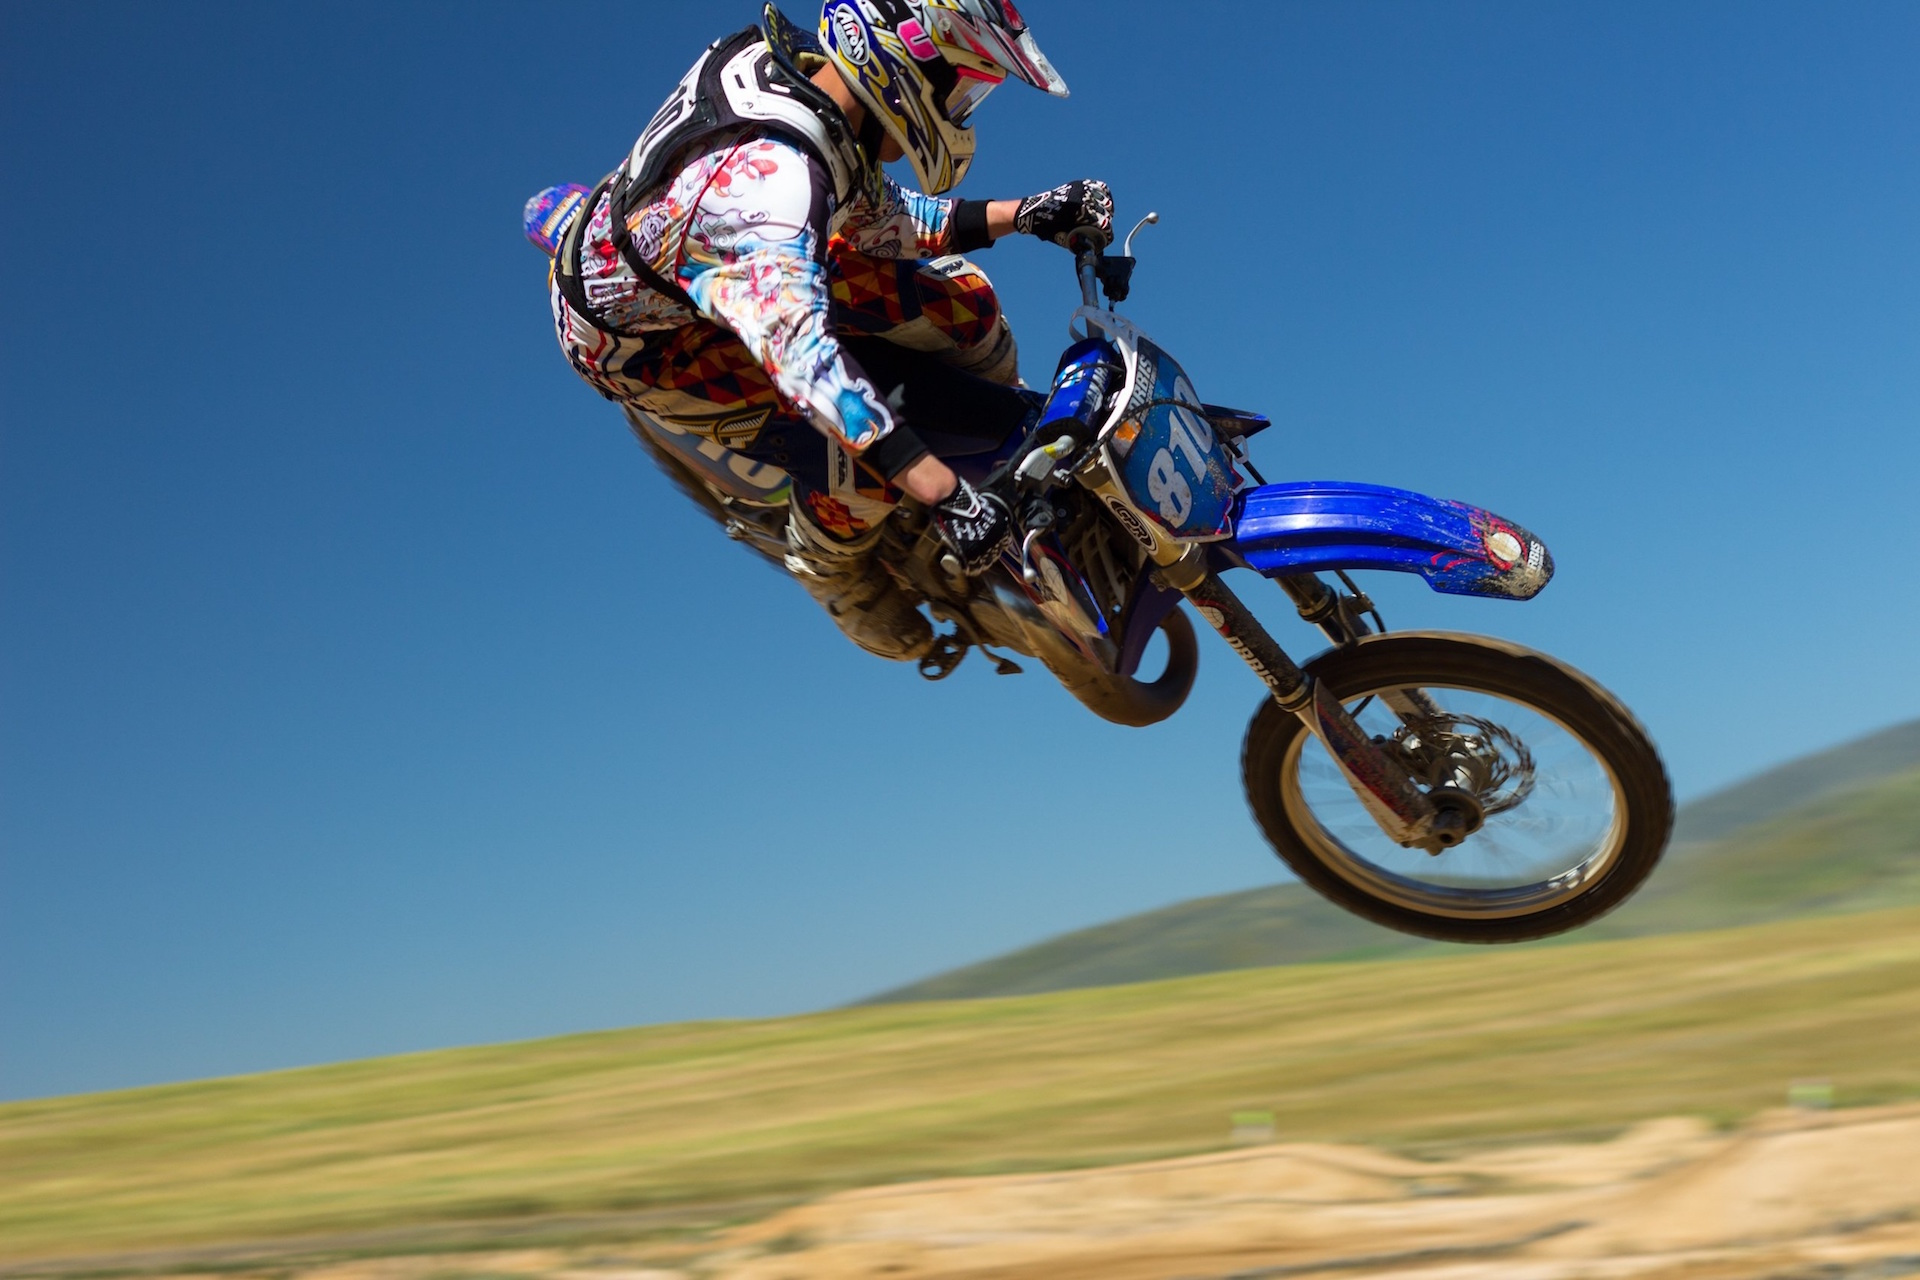 μοτοσικλέτα, άλμα, καριέρα, κινδύνου, ανταγωνισμού - Wallpapers HD - Professor-falken.com